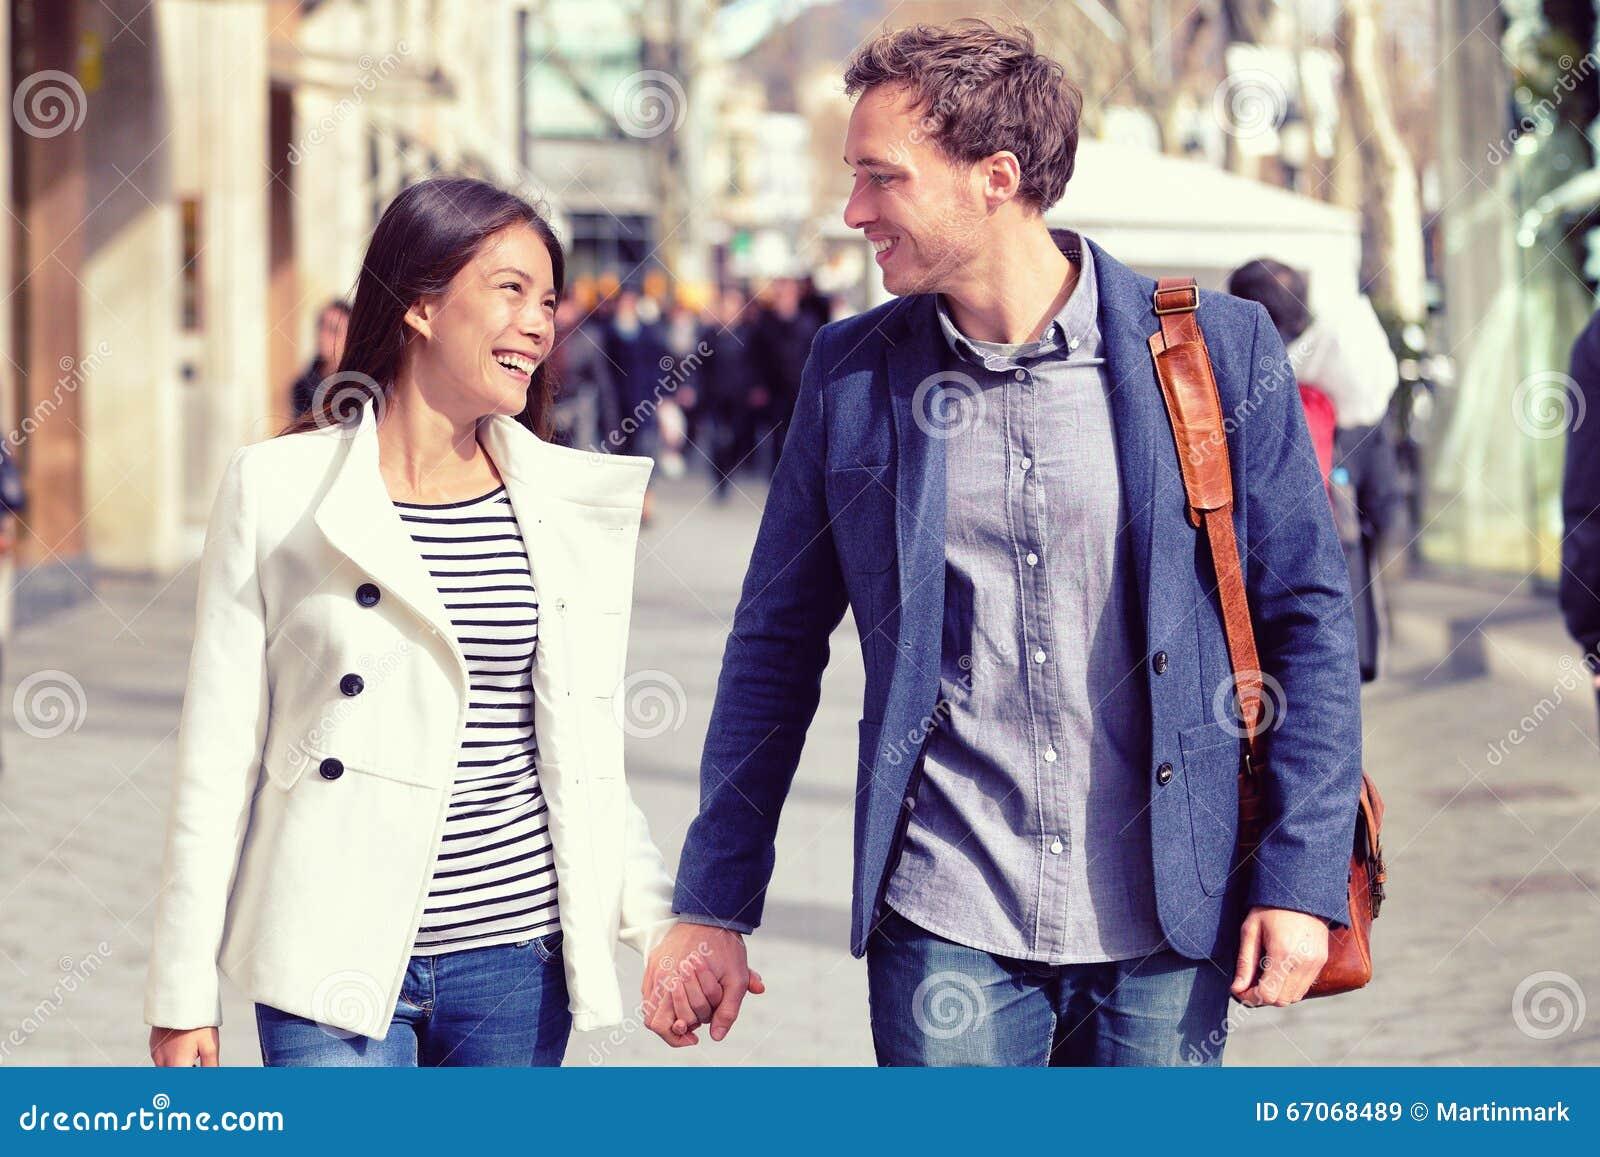 Νέο φλερτ ζευγών χρονολόγησης που περπατά στην πόλη